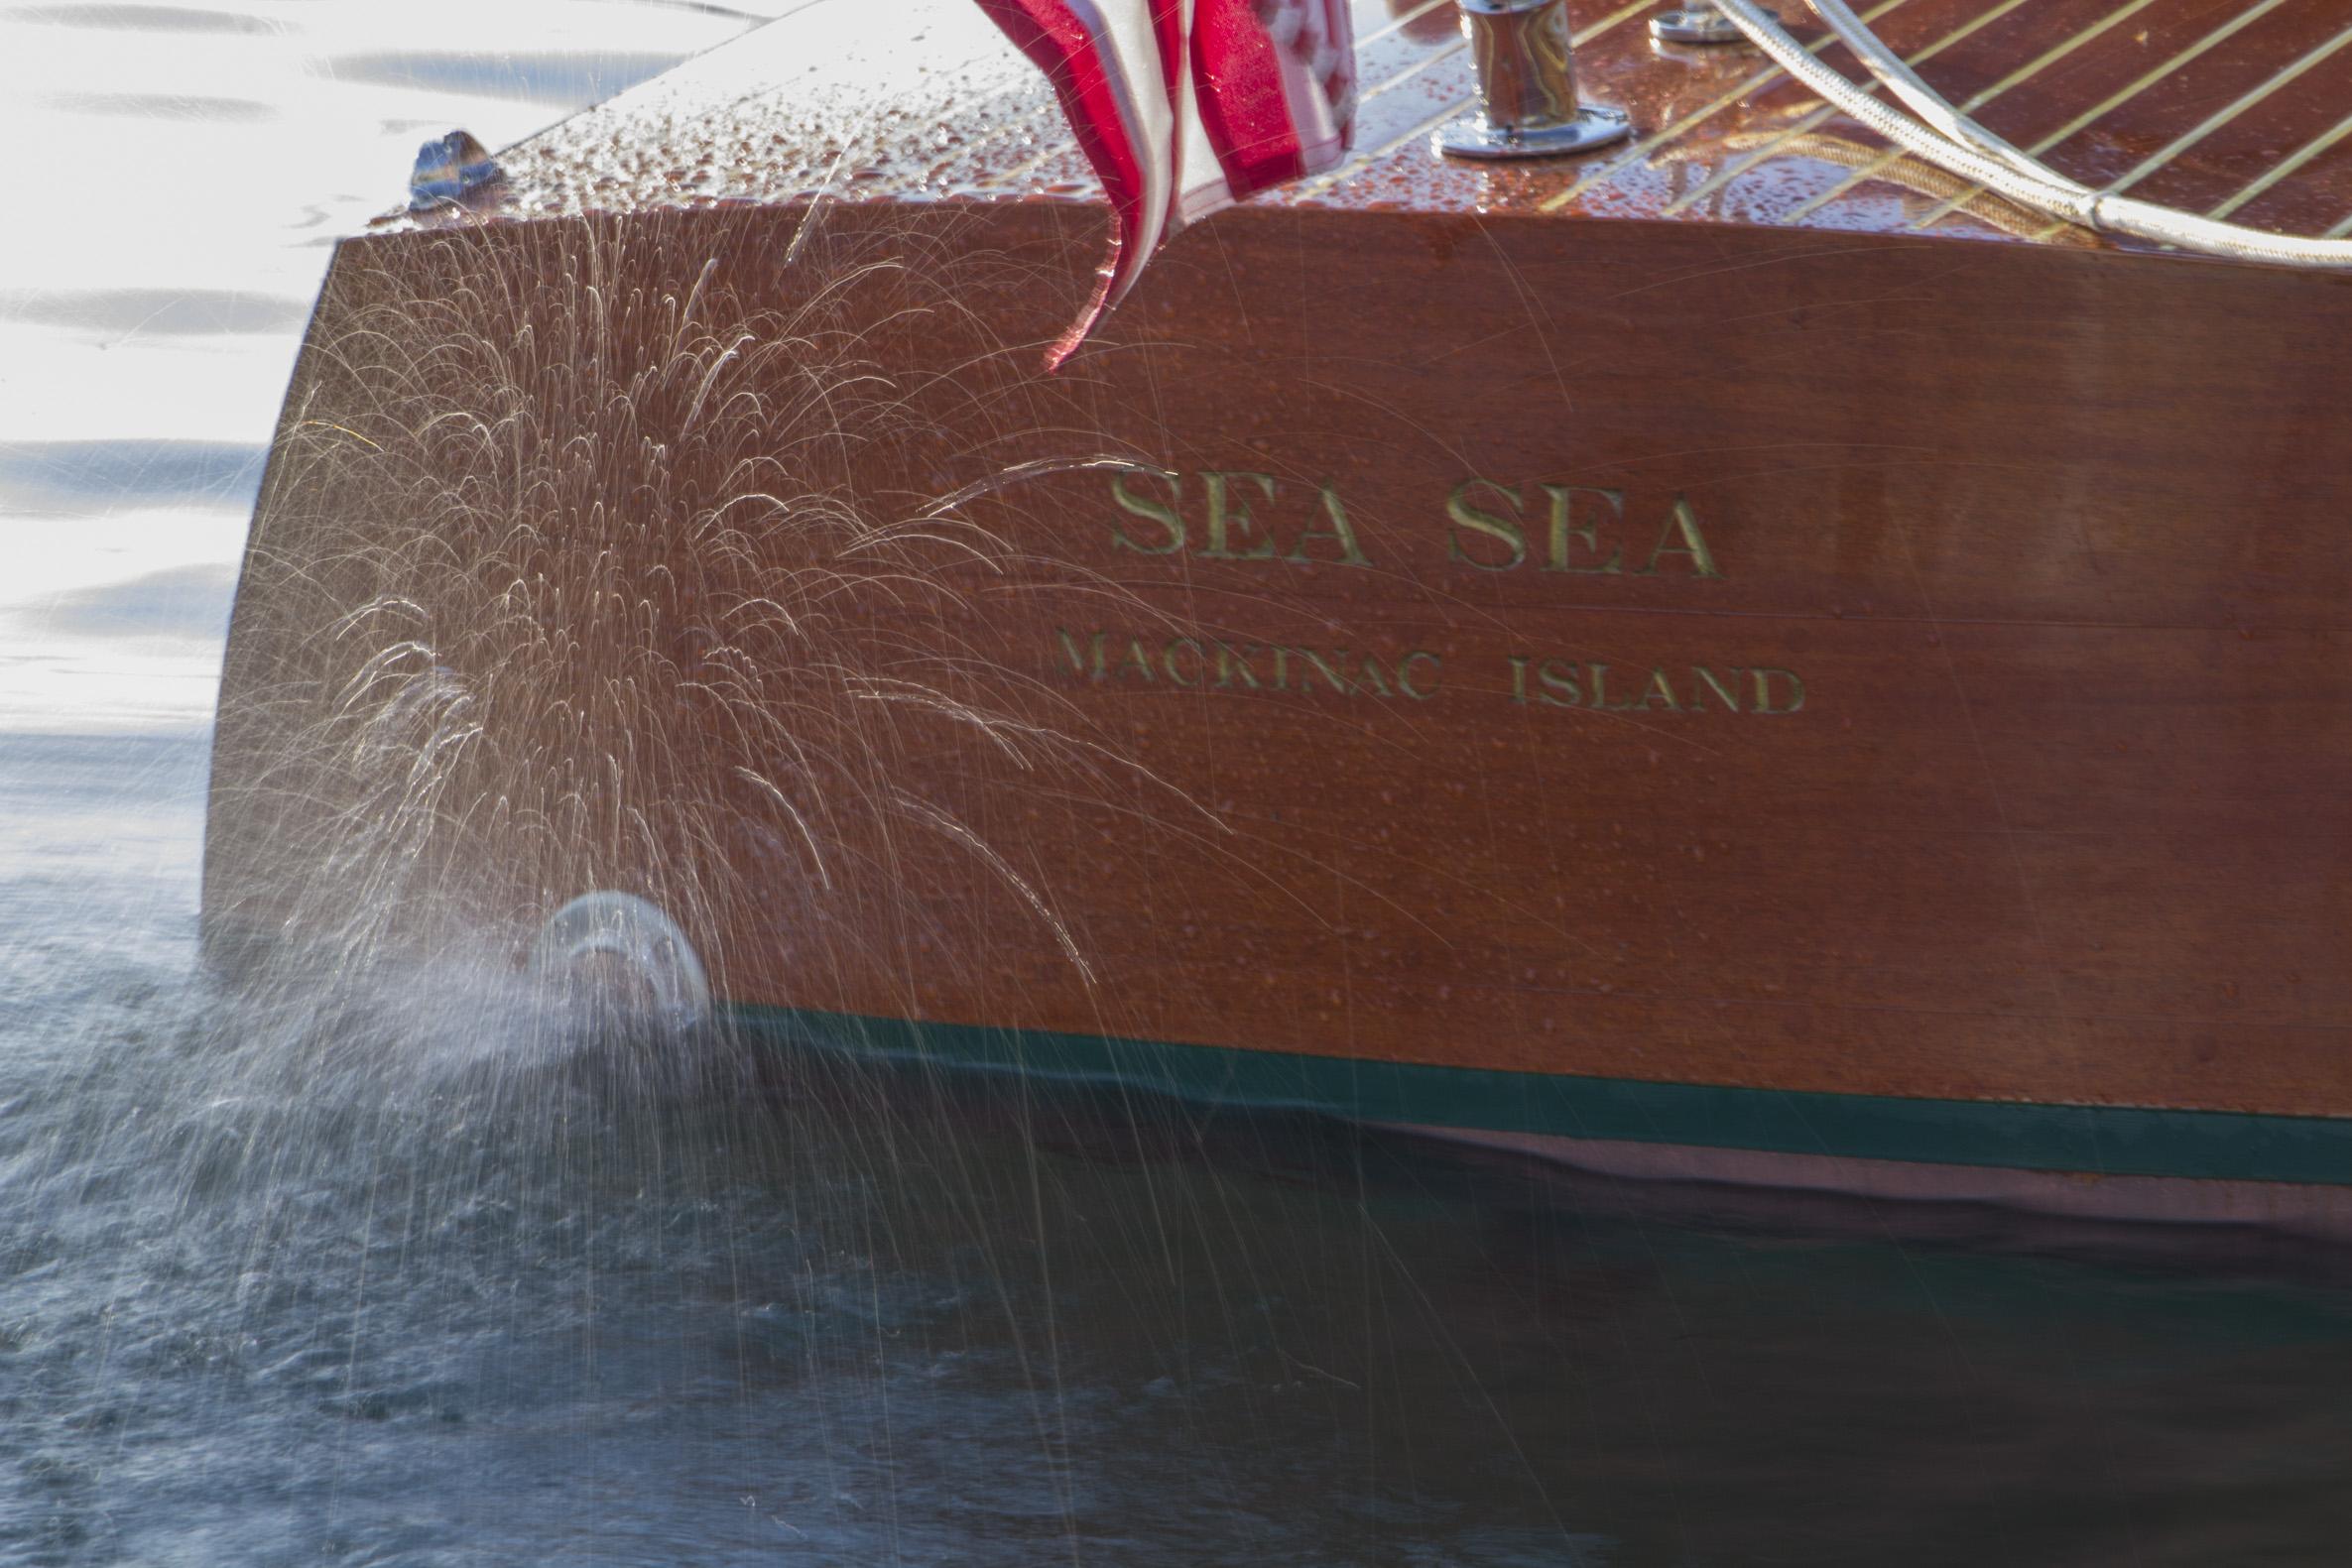 Sea Sea transom